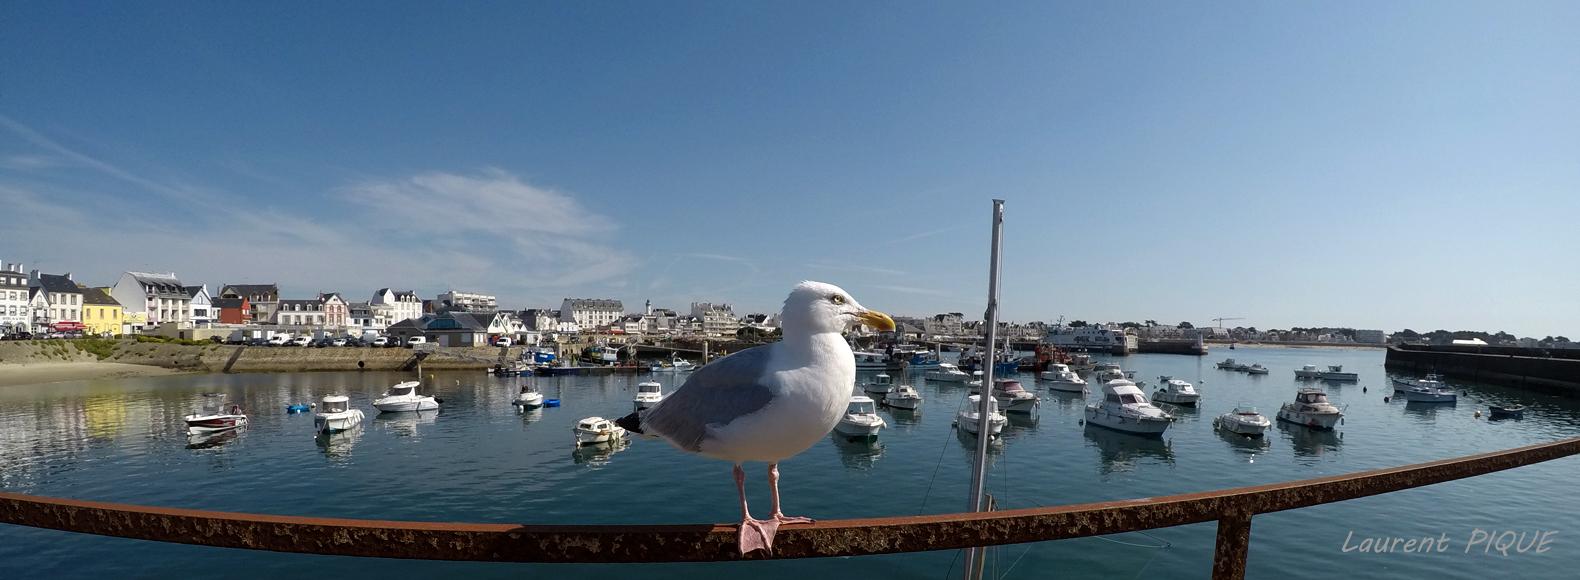 """Mouche pêche """"De plumes et d'acier"""" Quiberon1"""